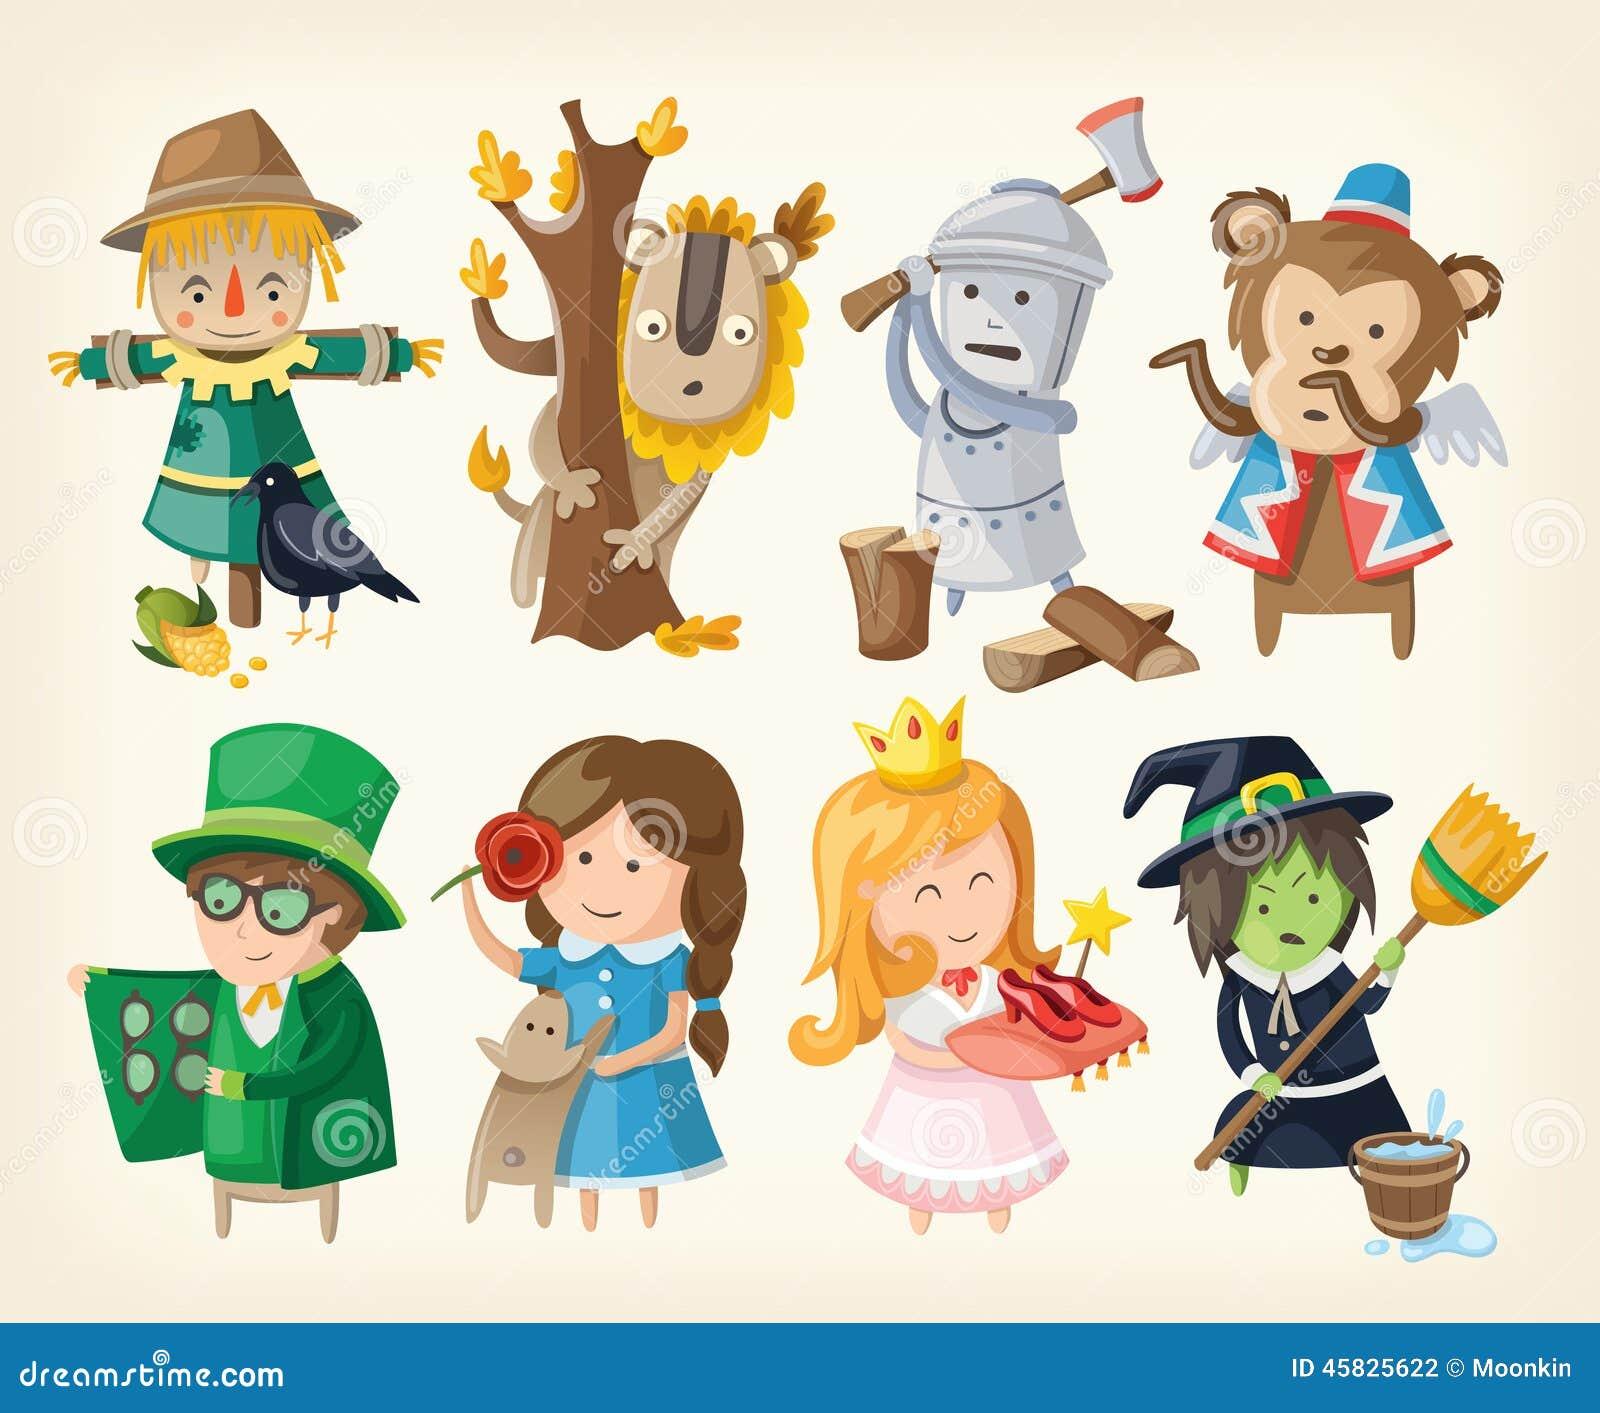 personaggi disney da color area